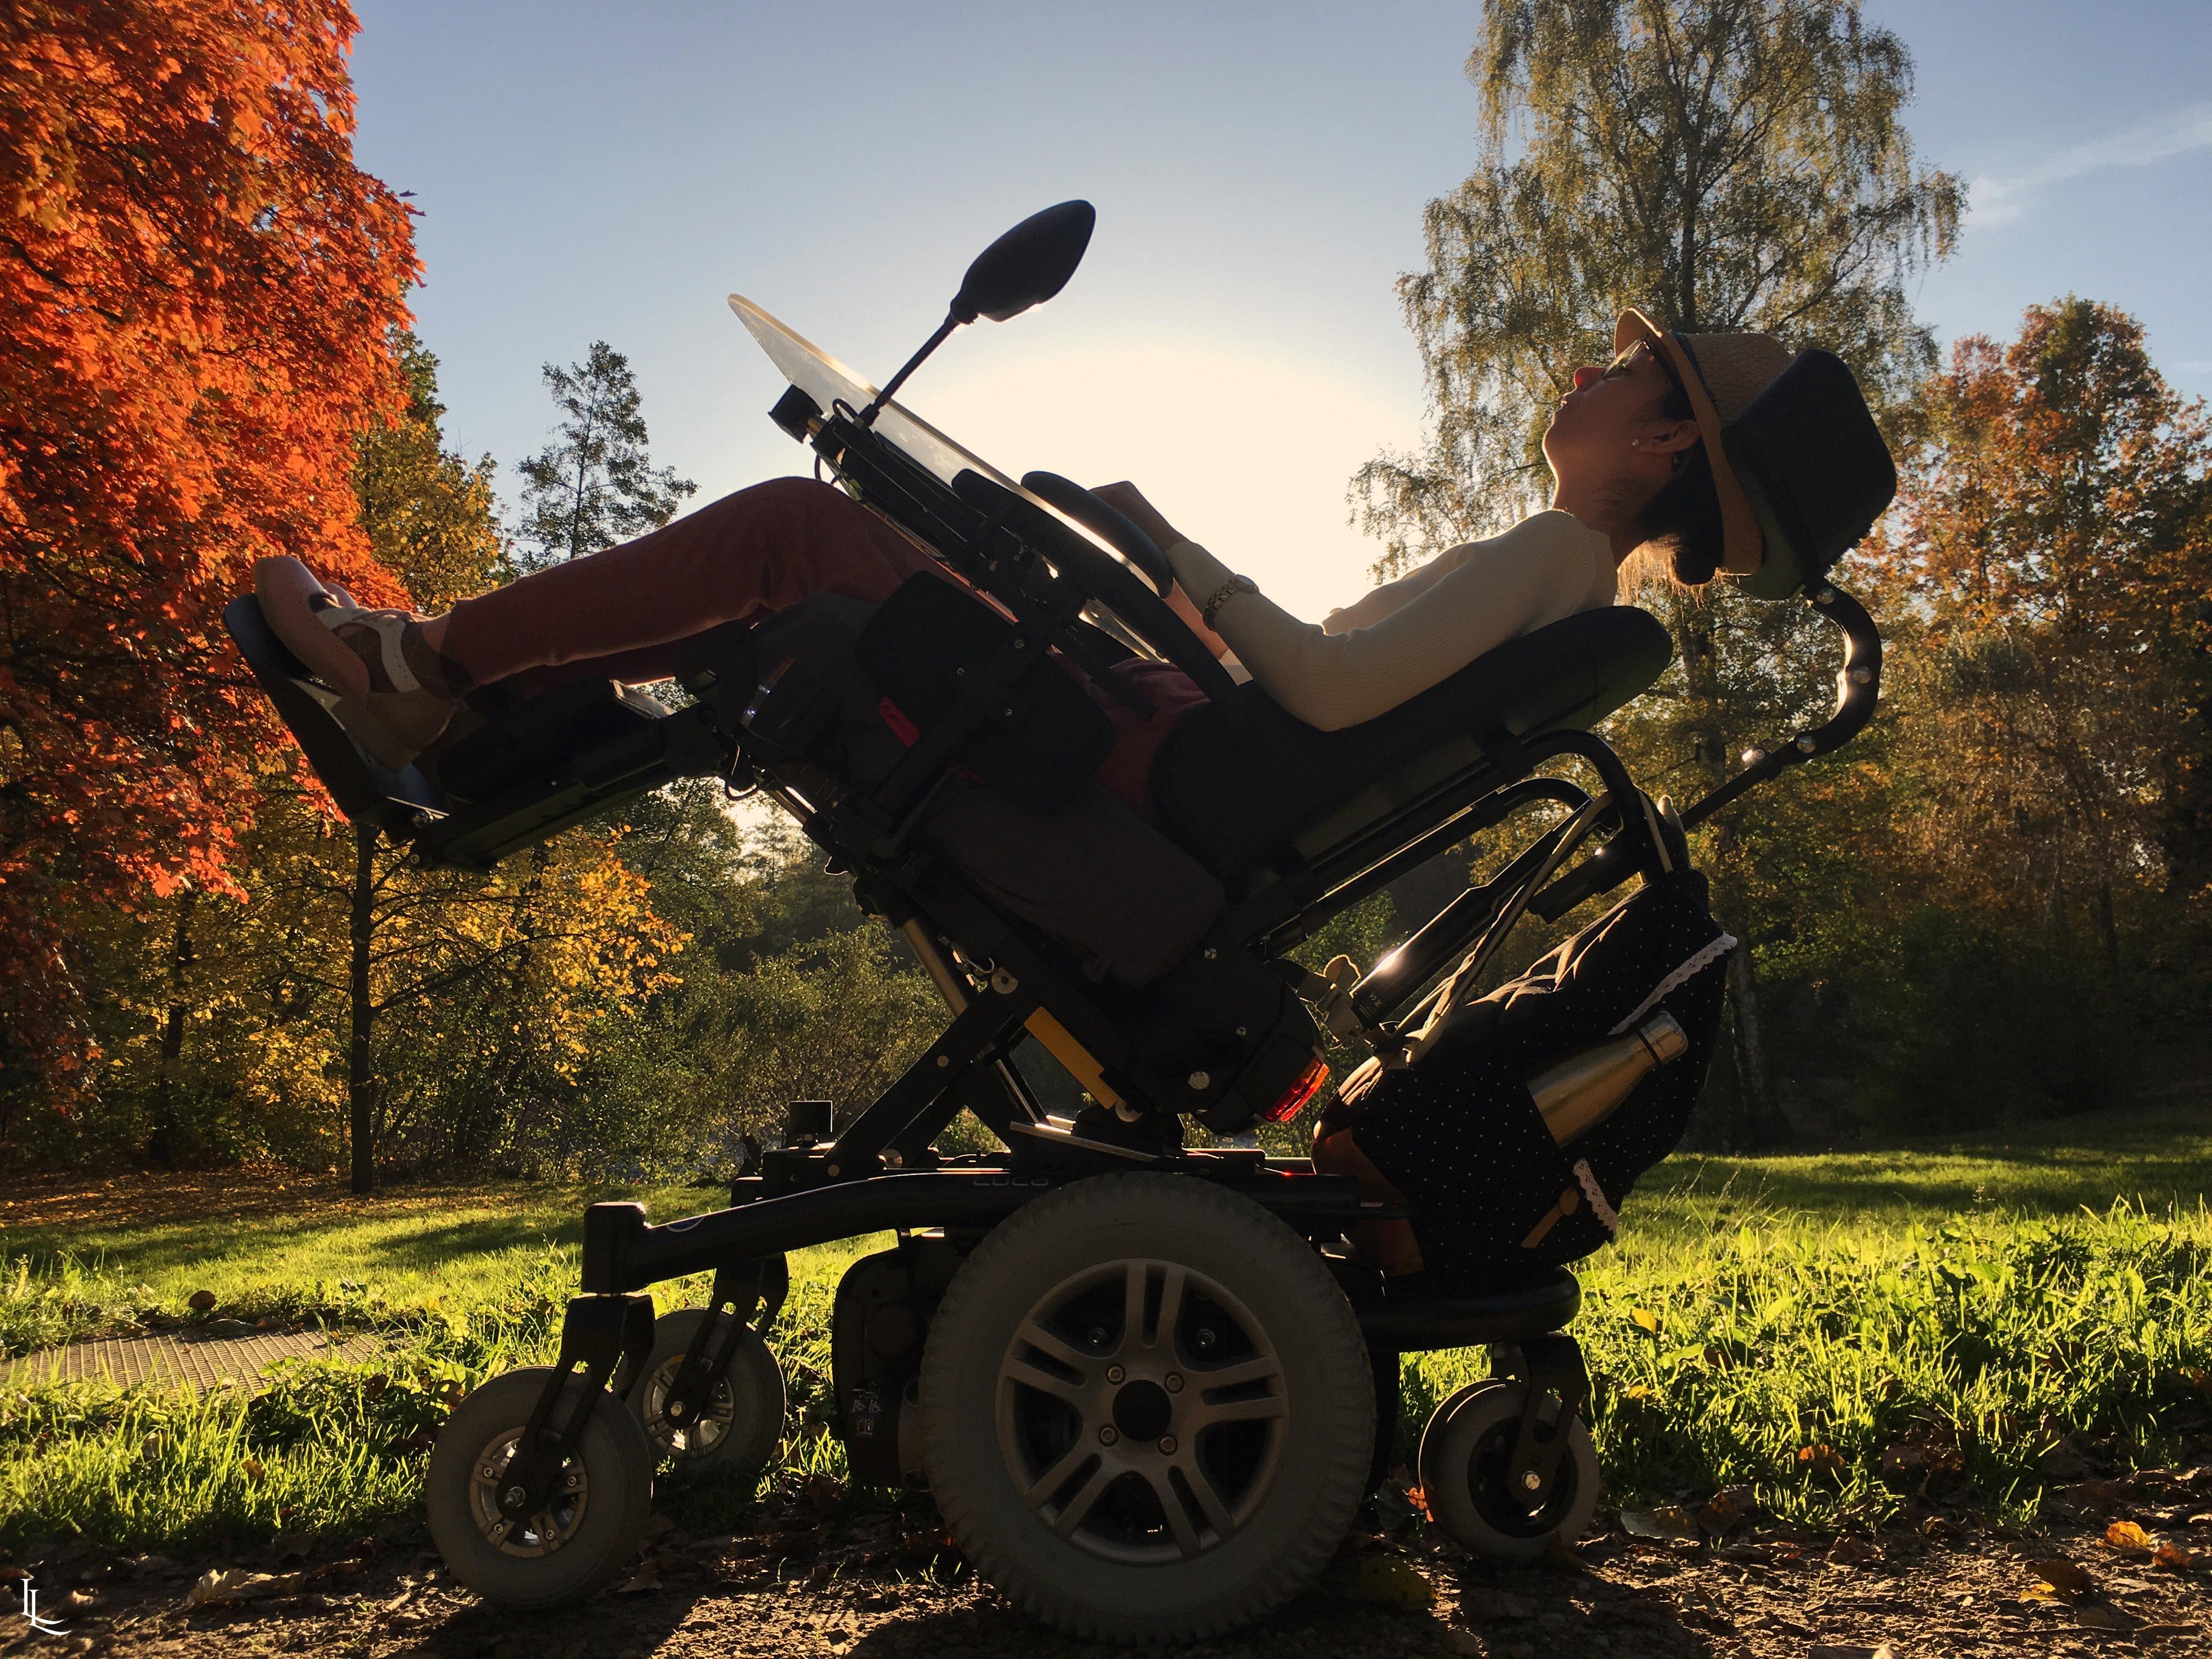 Lina está em sua cadeira de rodas. A cadeira está inclinada de forma que ela fique deitada. Ela está em um jardim, tem sol e árvores com folhas laranjas.